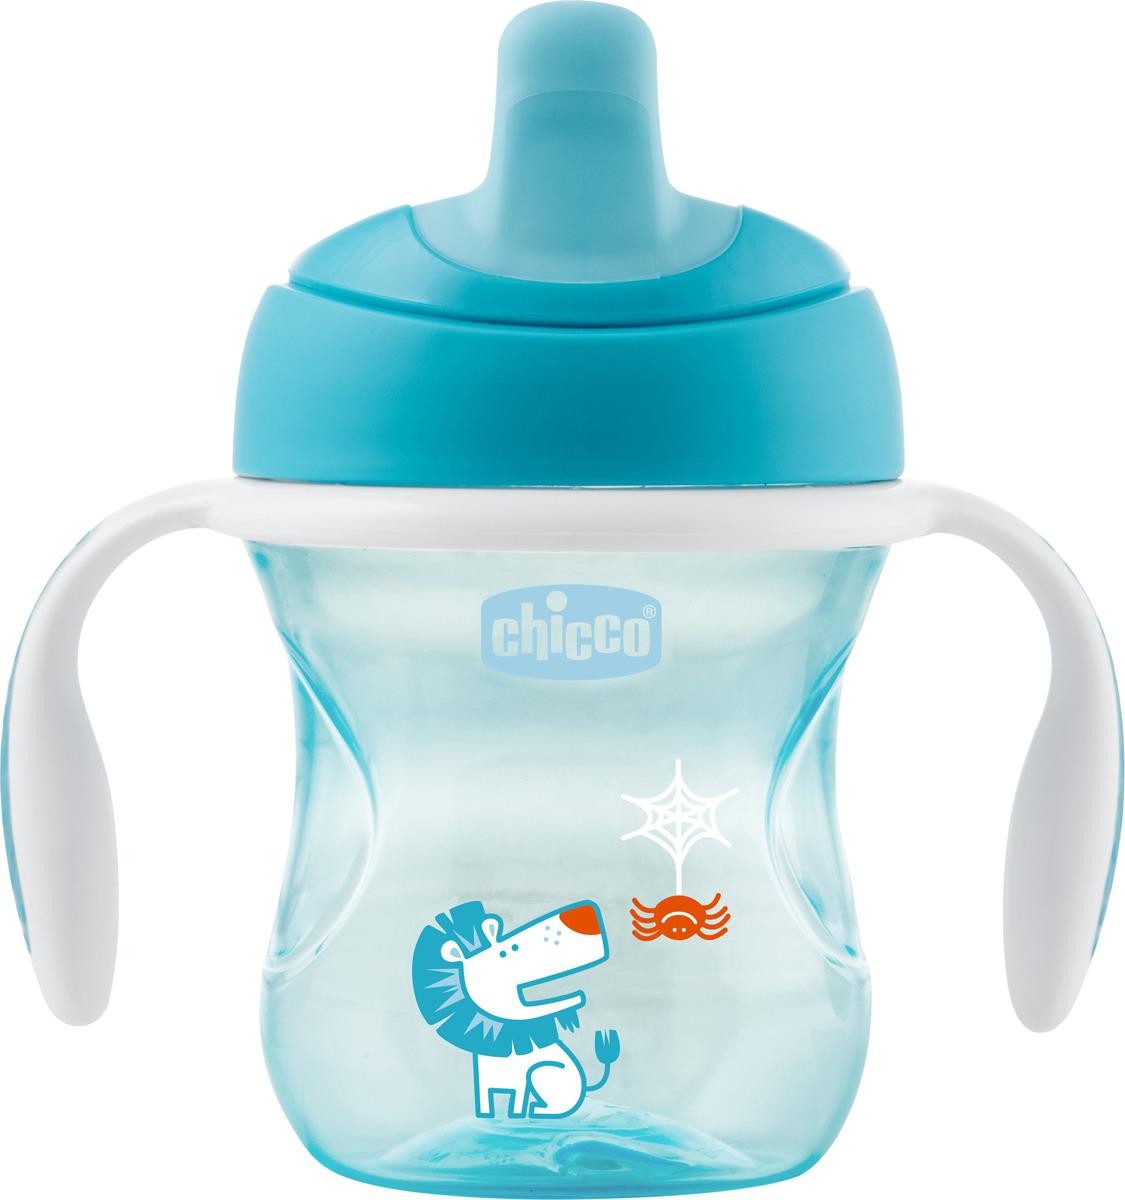 Фото - Чашка-поильник Chicco Training Cup, цвет голубой, 200 мл [супермаркет] jingdong геб scybe фил приблизительно круглая чашка установлена в вертикальном положении стеклянной чашки 290мла 6 z